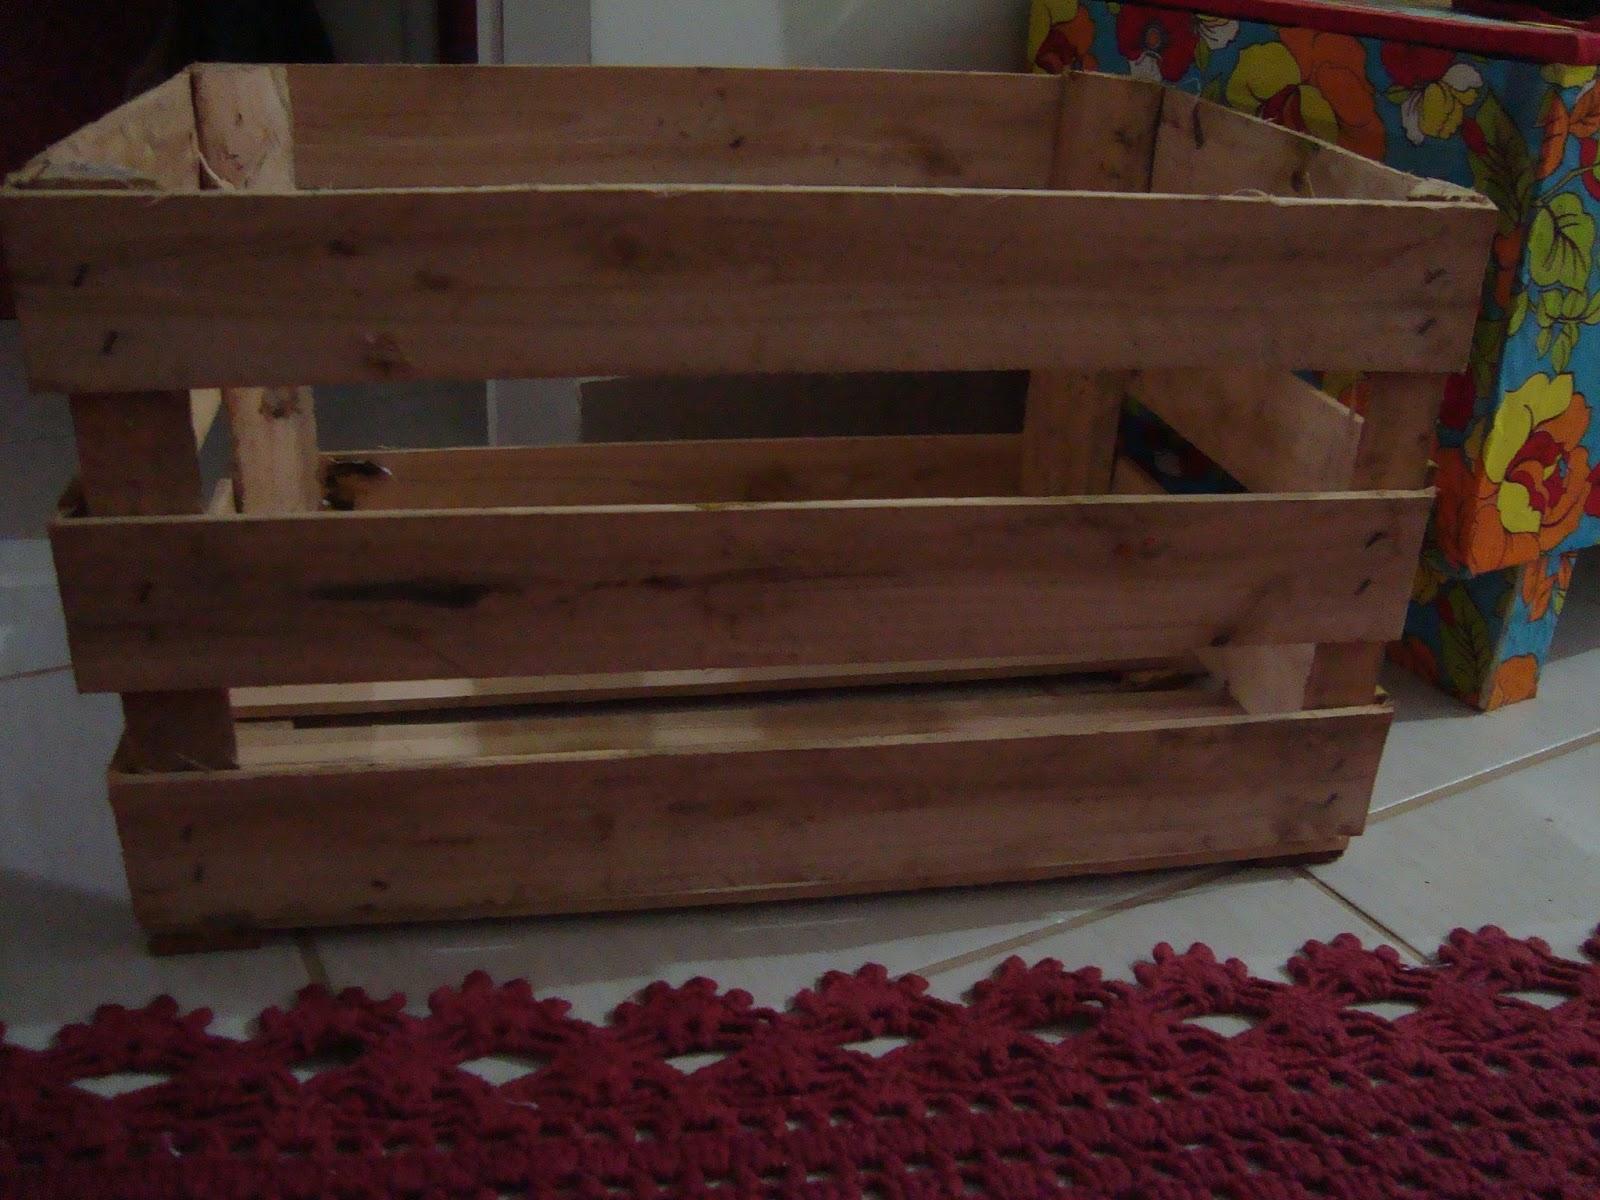 Gostosuras: Caixote de madeira reciclado e transformado em baú #603C30 1600x1200